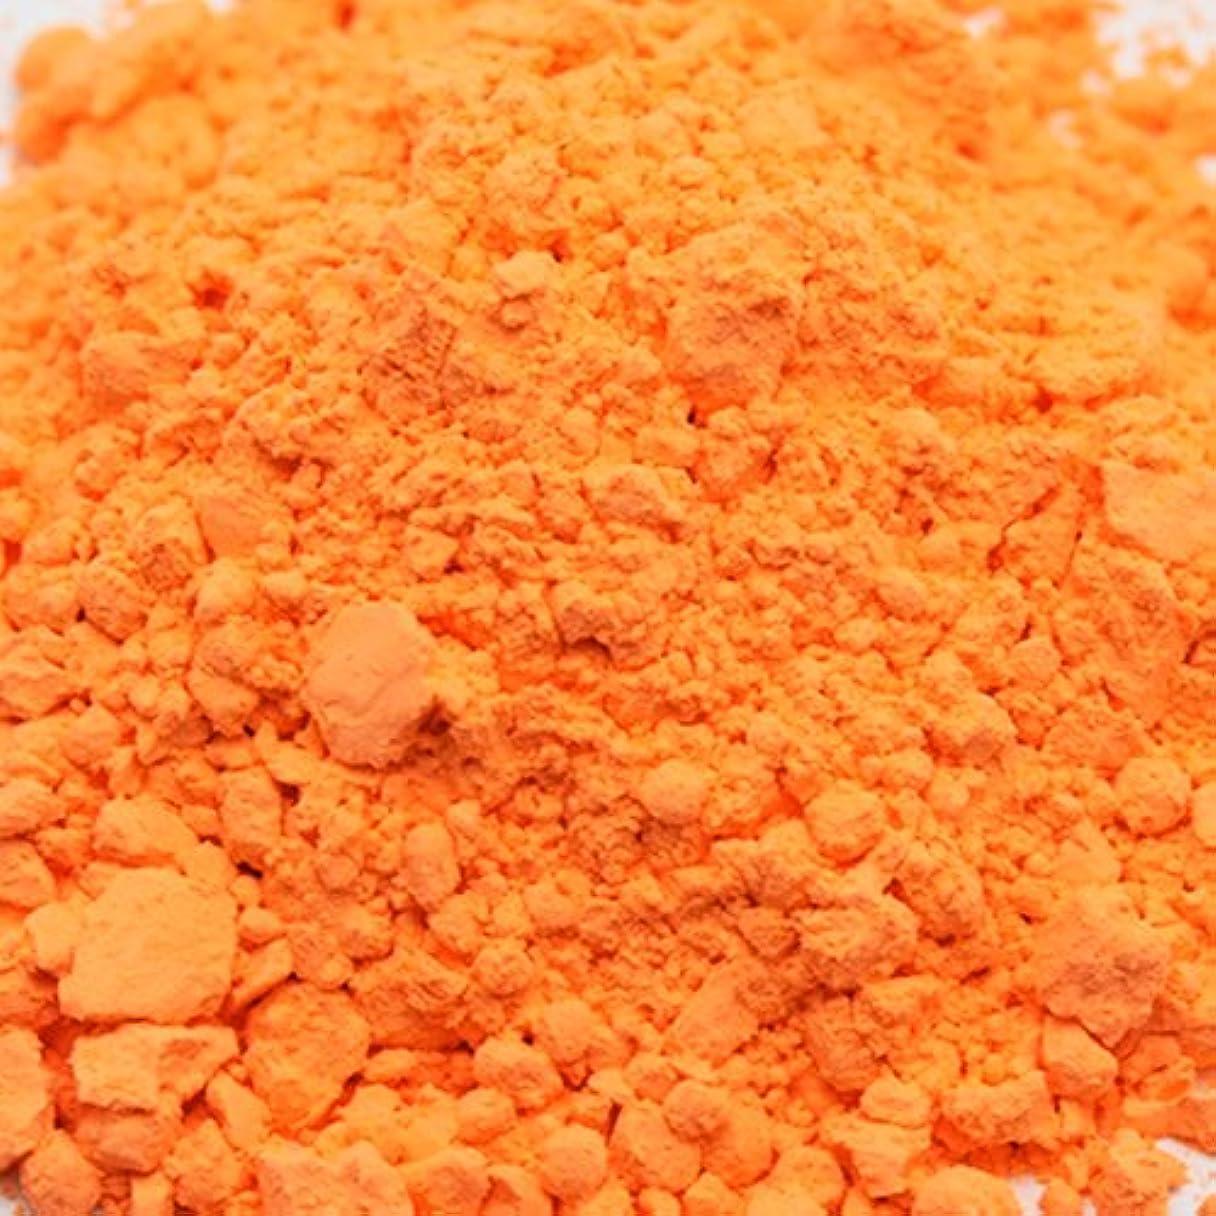 マラドロイトラフ面倒キャンディカラー オレンジ 5g 【手作り石鹸/手作りコスメ/色付け/カラーラント/オレンジ】